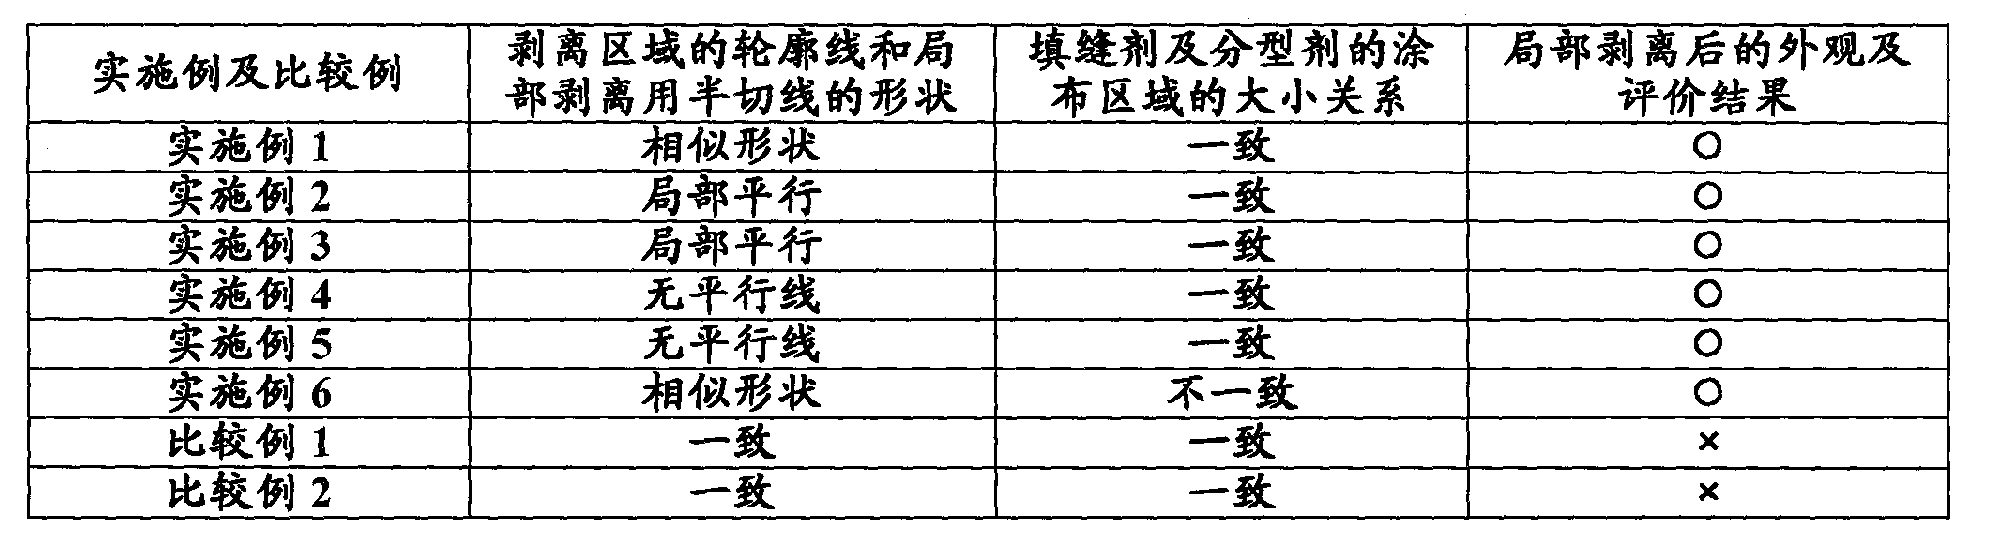 Figure CN102438916BD00351